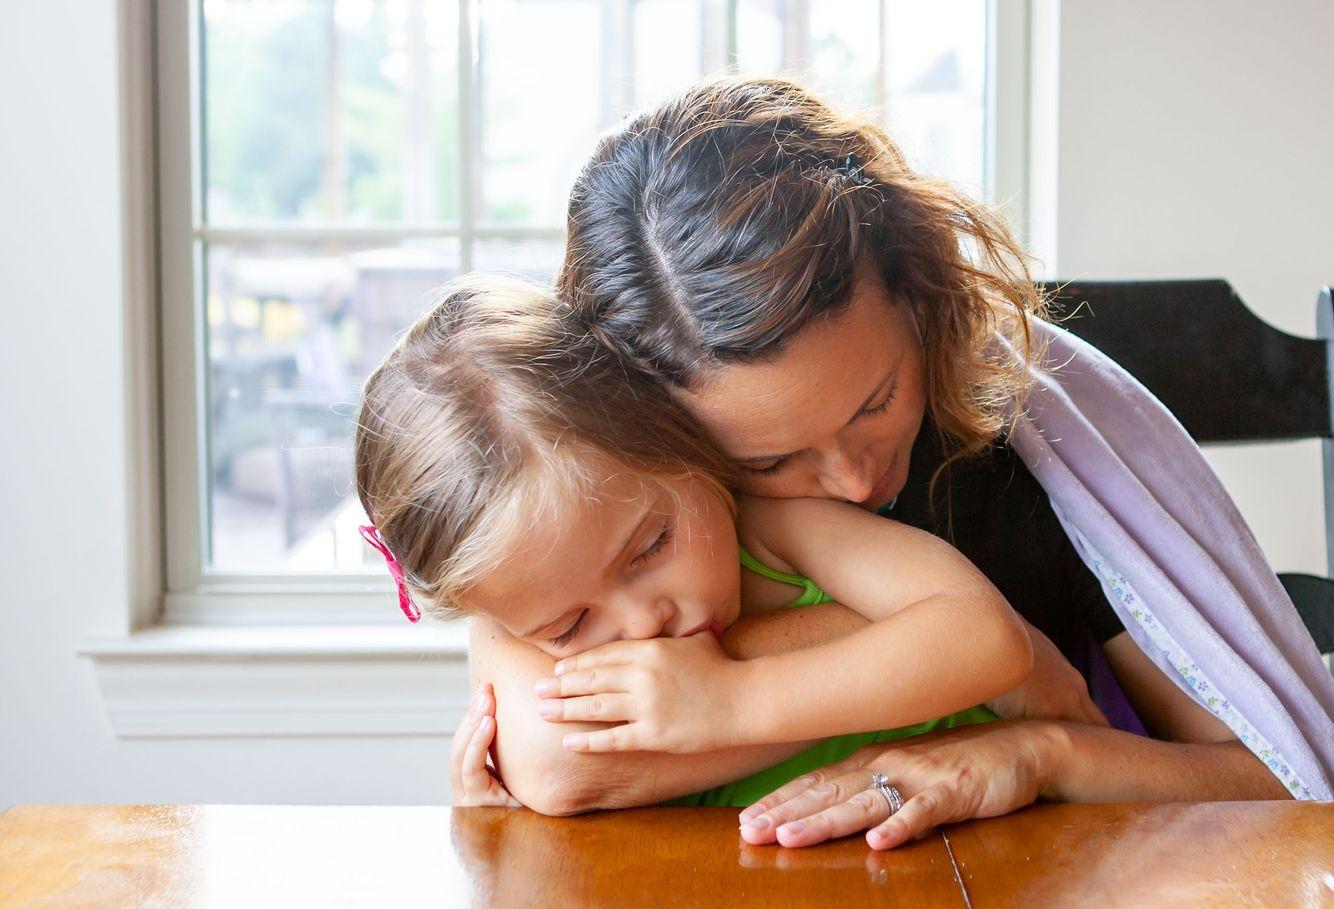 Mom cuddles girl